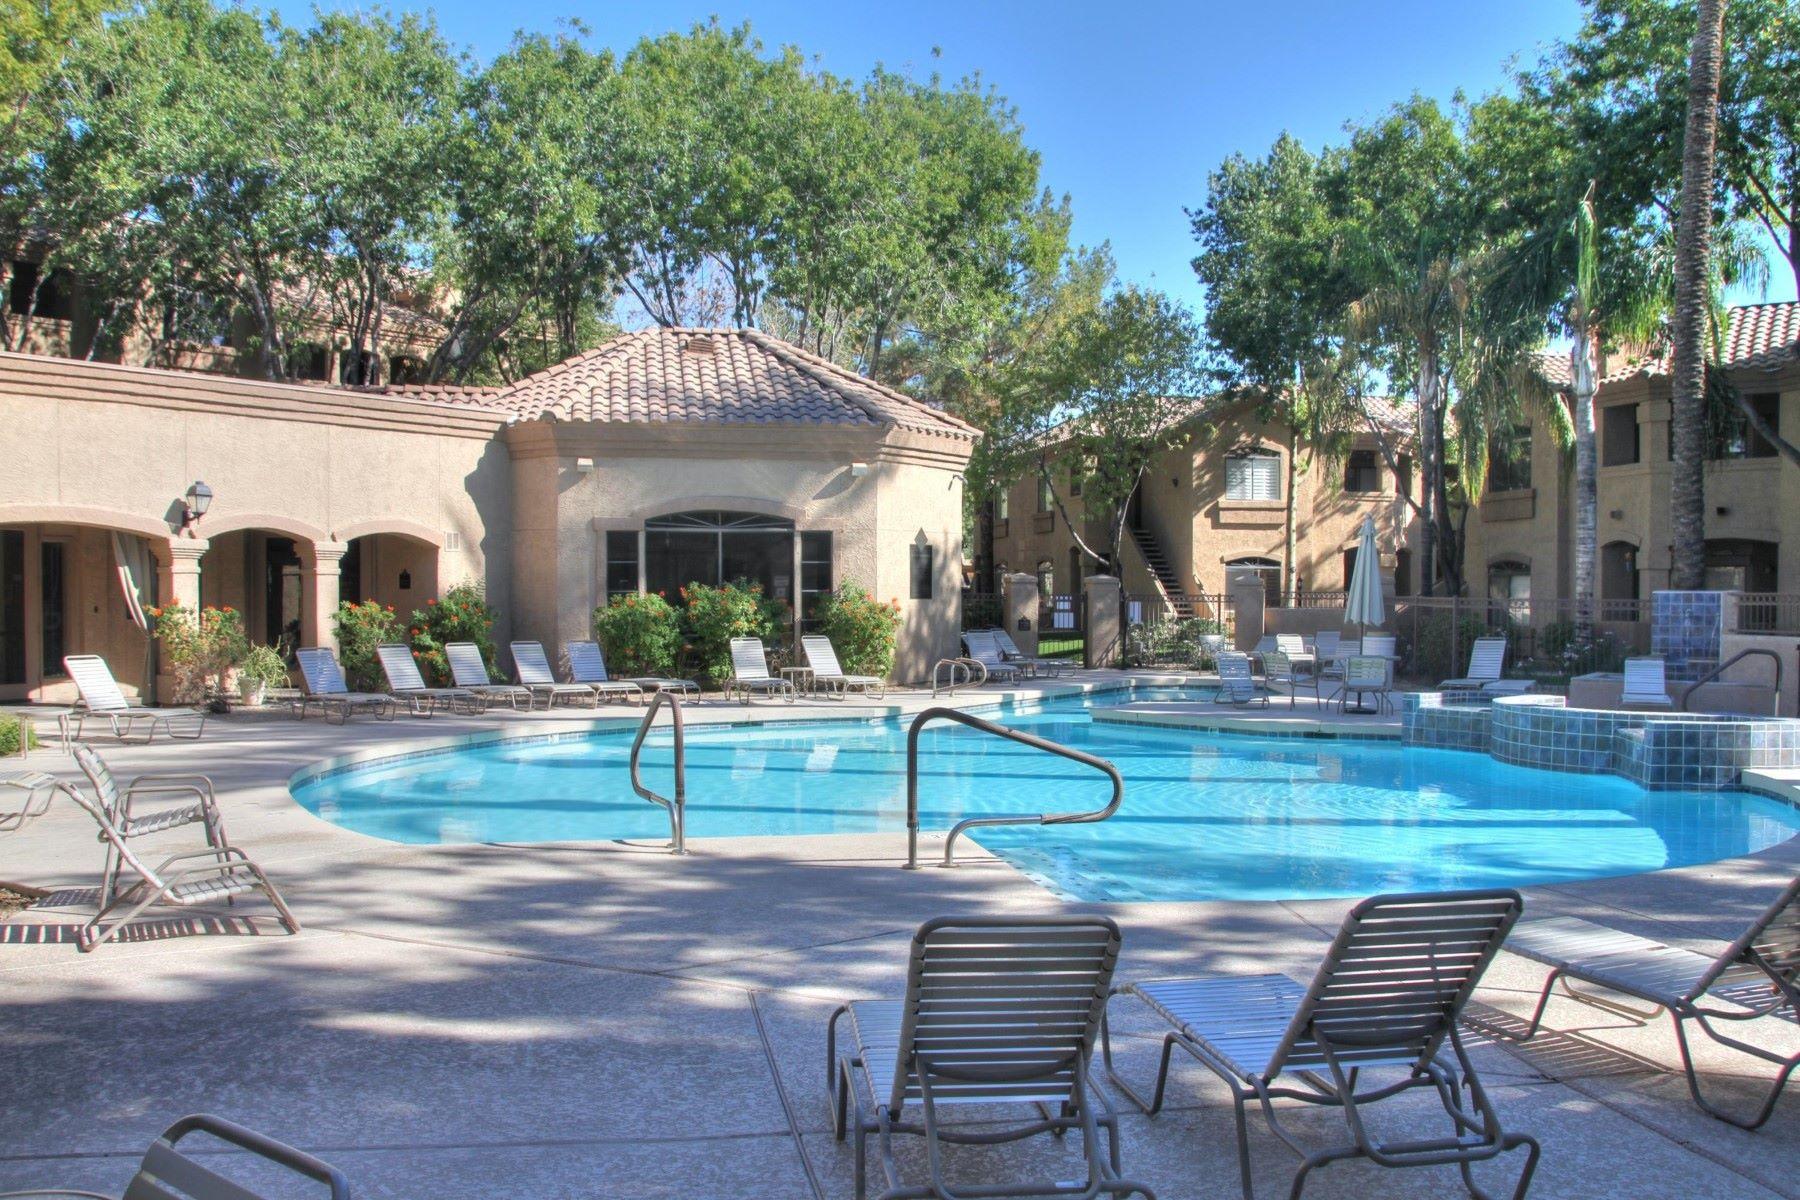 تاون هاوس للـ Rent في Charming 2nd floor end unit in Scottsdale 15095 N THOMPSON PEAK PKWY #2054, Scottsdale, Arizona, 85260 United States